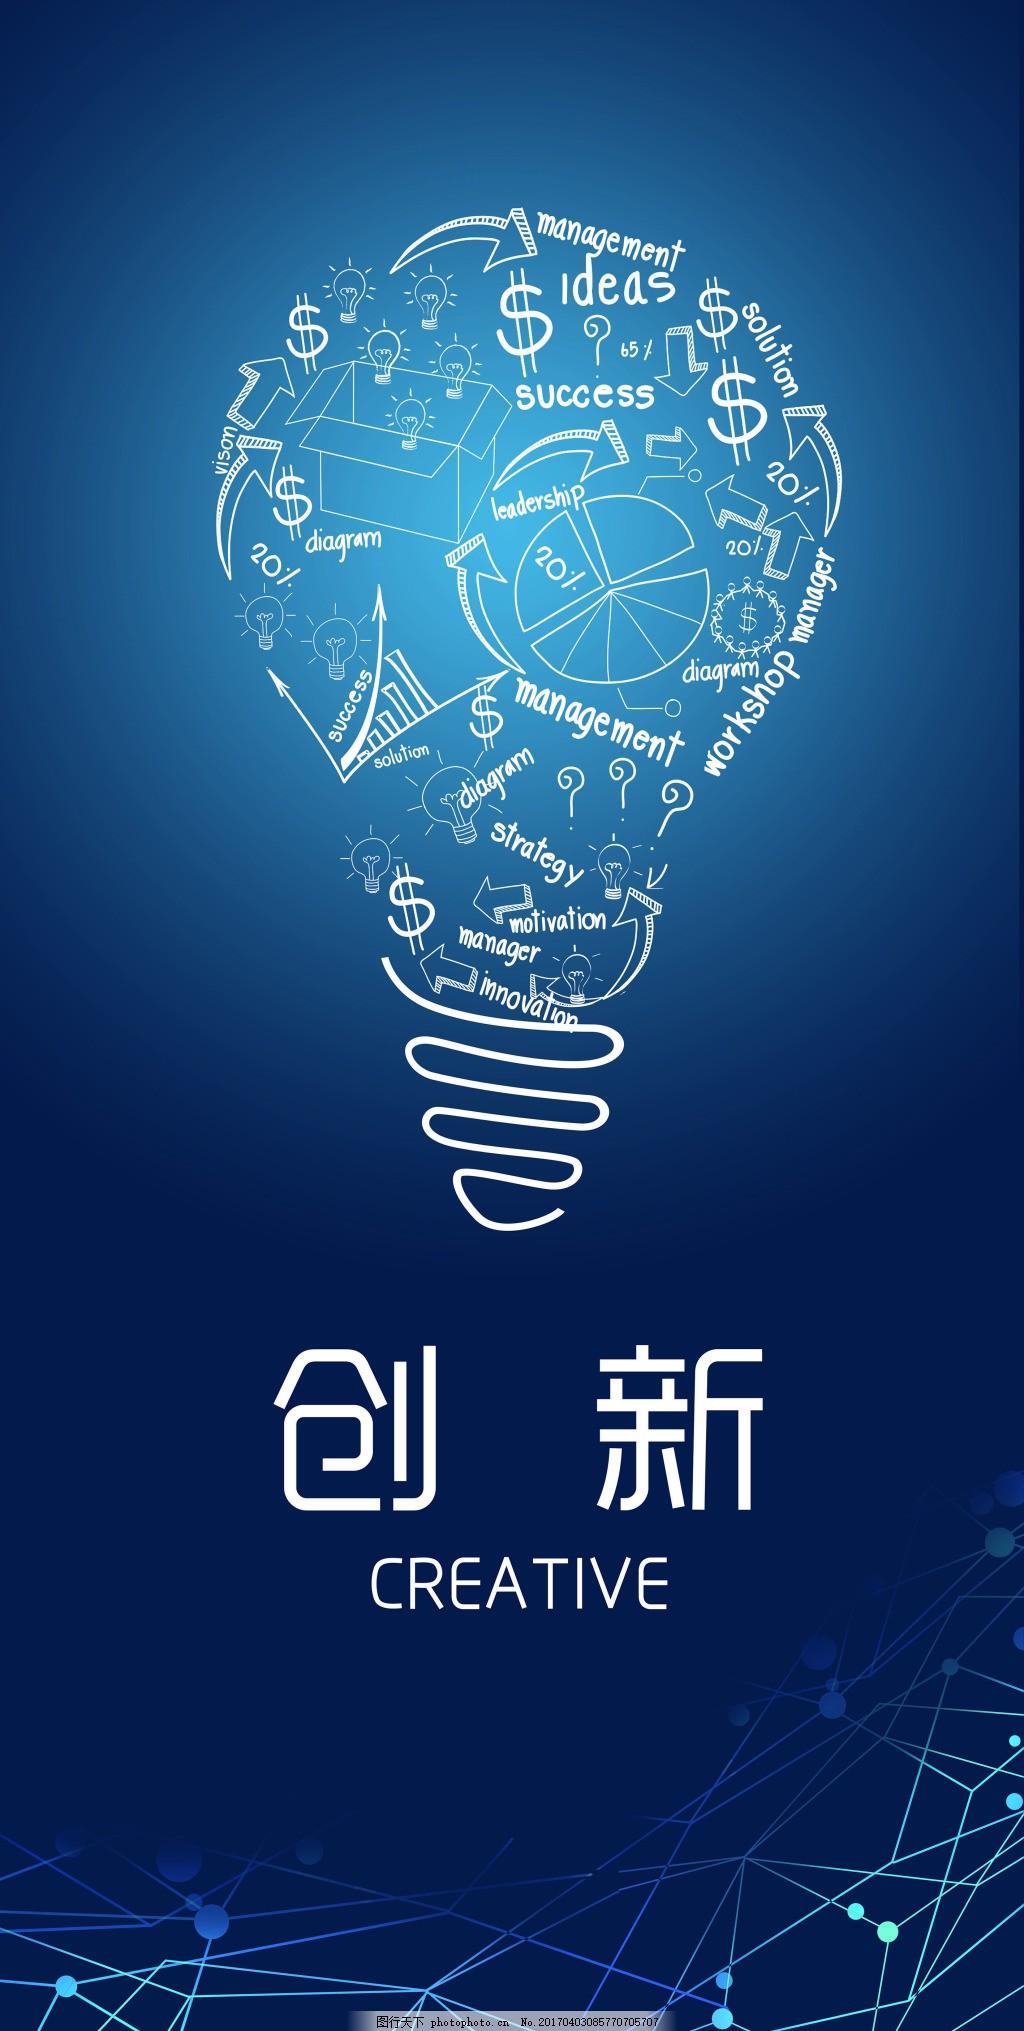 蓝色企业商务科技海报背景 企业 创新 手绘 扁平 灯泡 海报背景 蓝色